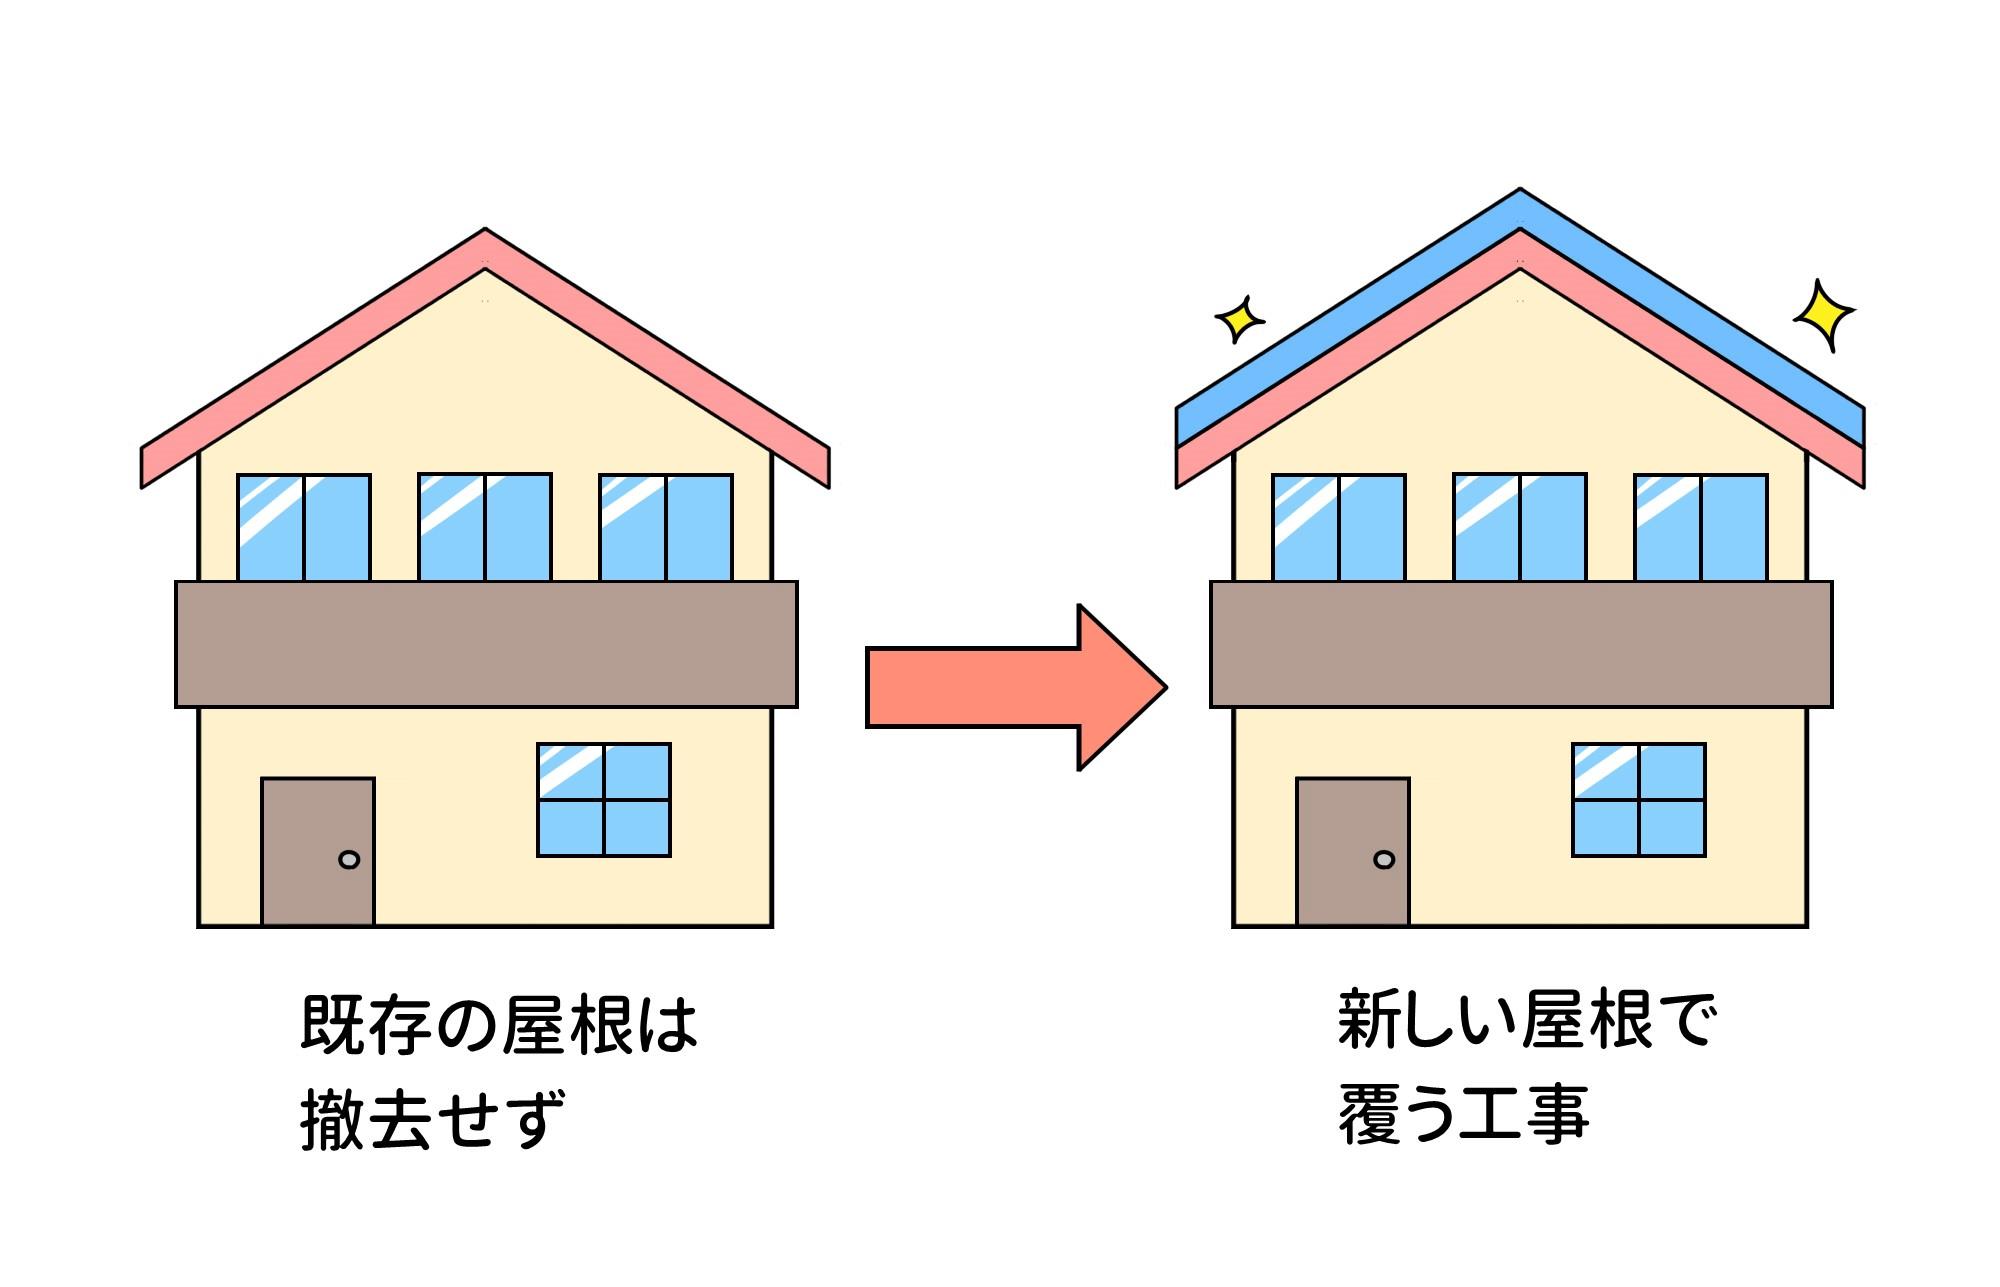 ・カバー工法